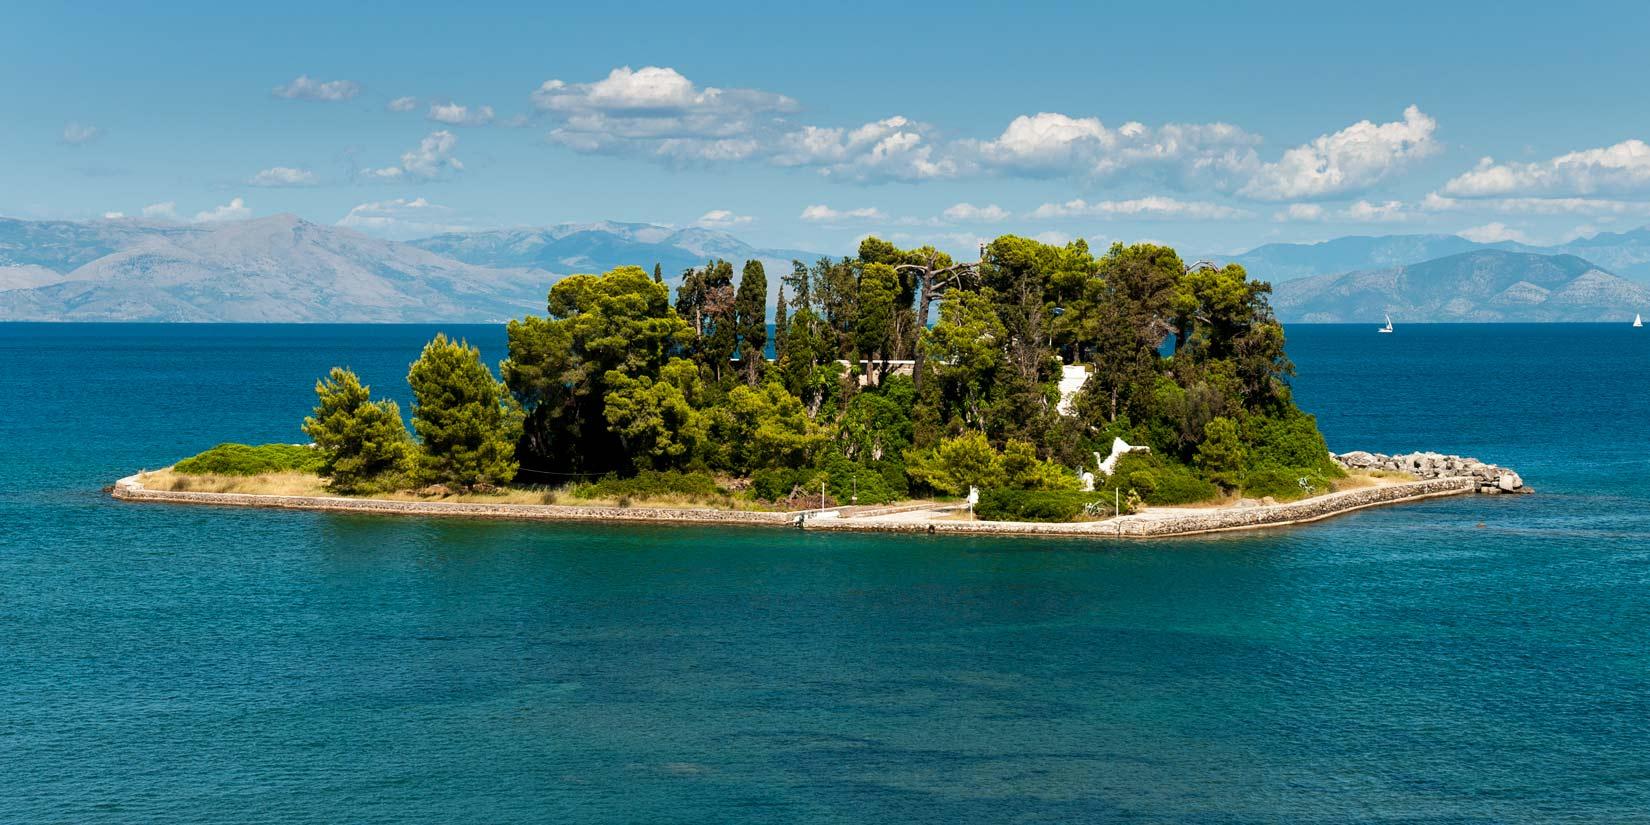 Ποντικονήσι - Pontikonisi. Uvnitř zeleně, na malé vyvýšenině, se hrdě vypíná k obloze snad nejmenší klášter Řecka. Pro jednoho mnicha. Doplujte si na něj na kafíčko.